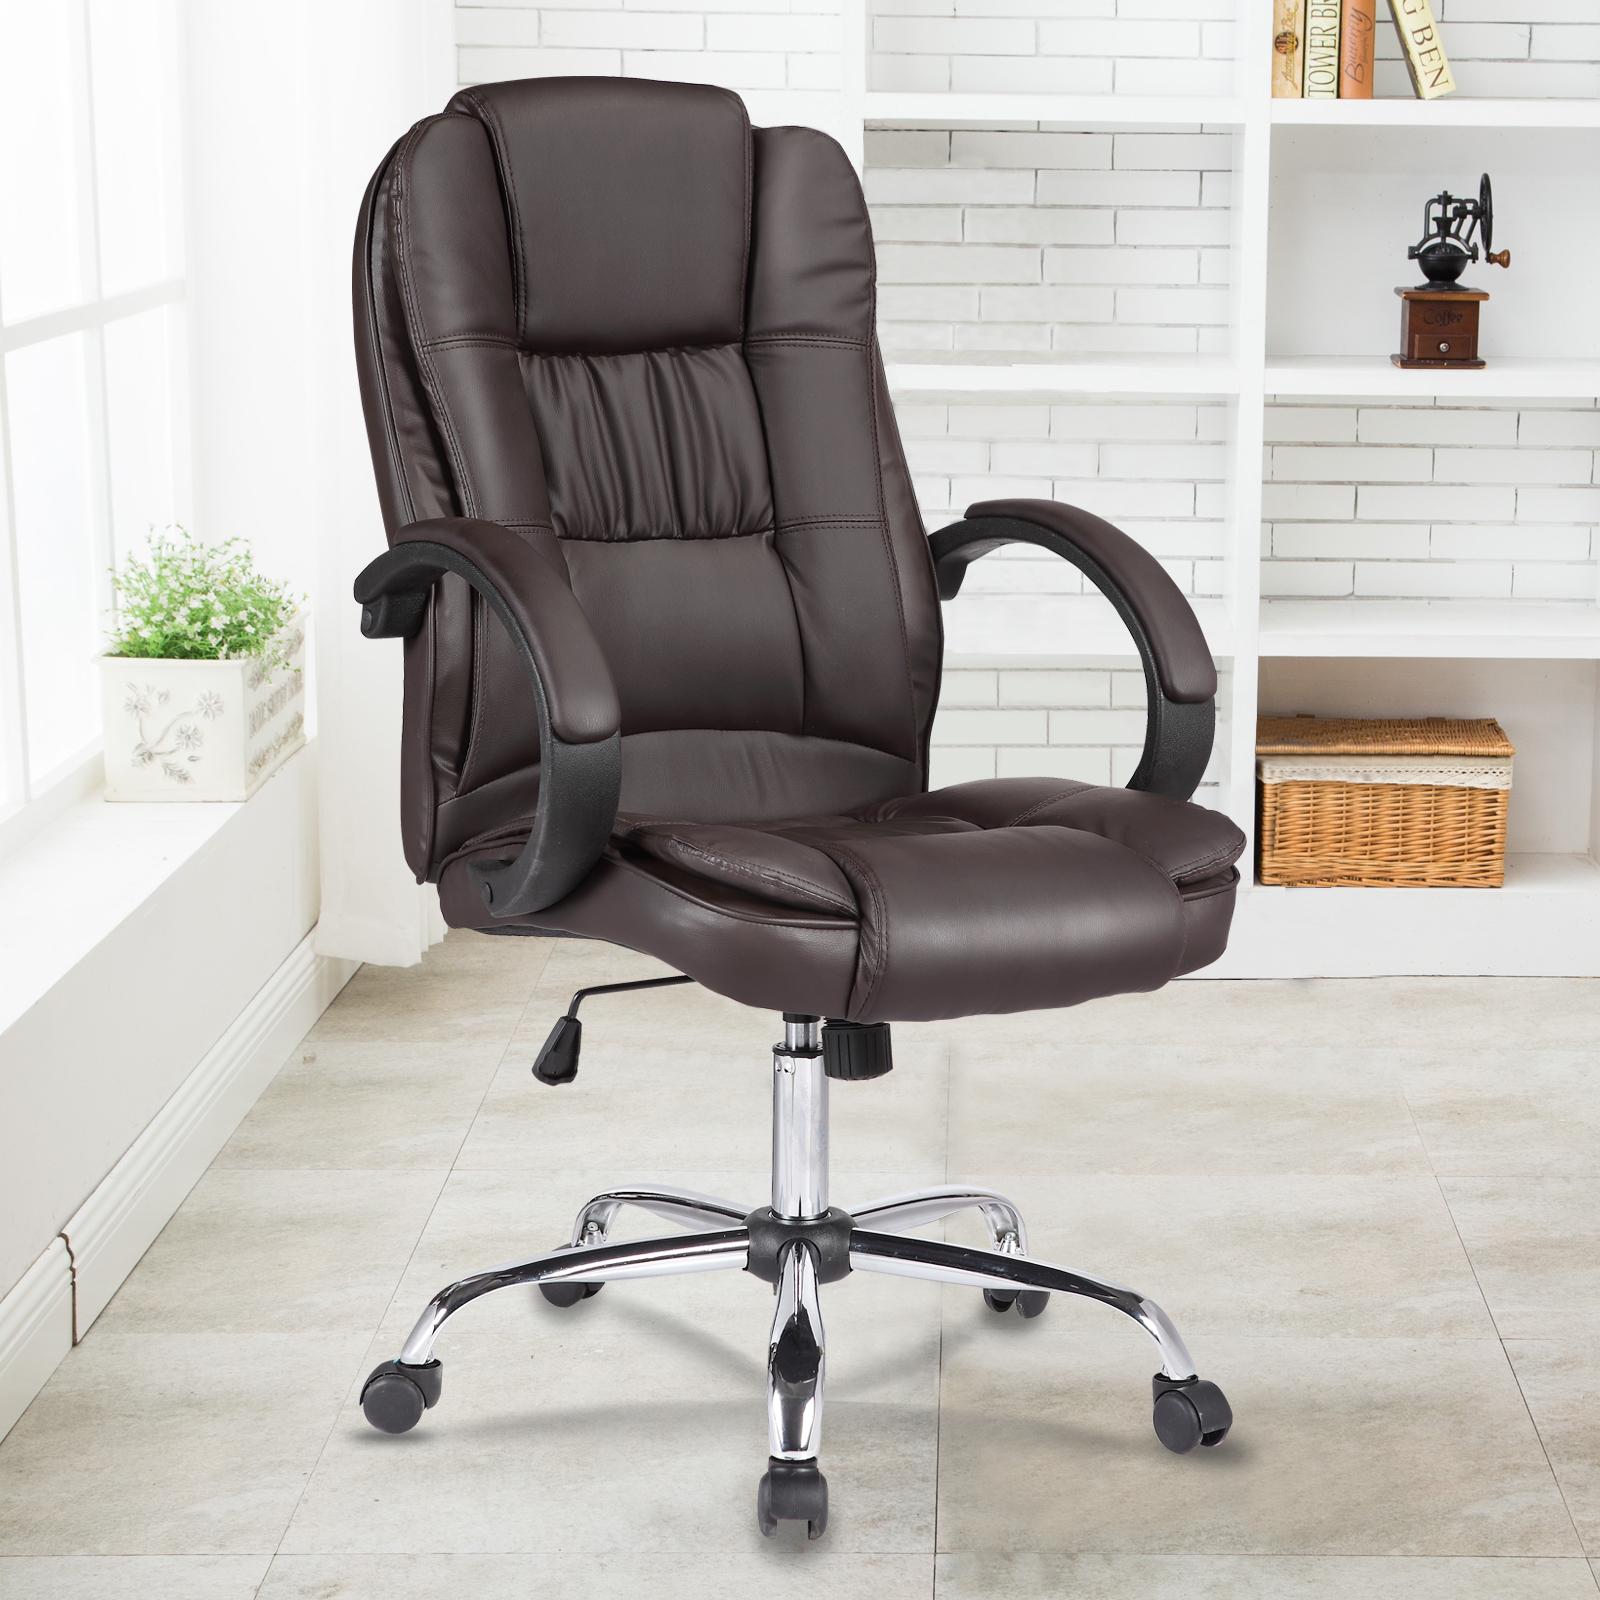 pu chaise fauteuil bureau luxe chaise ergonomique. Black Bedroom Furniture Sets. Home Design Ideas